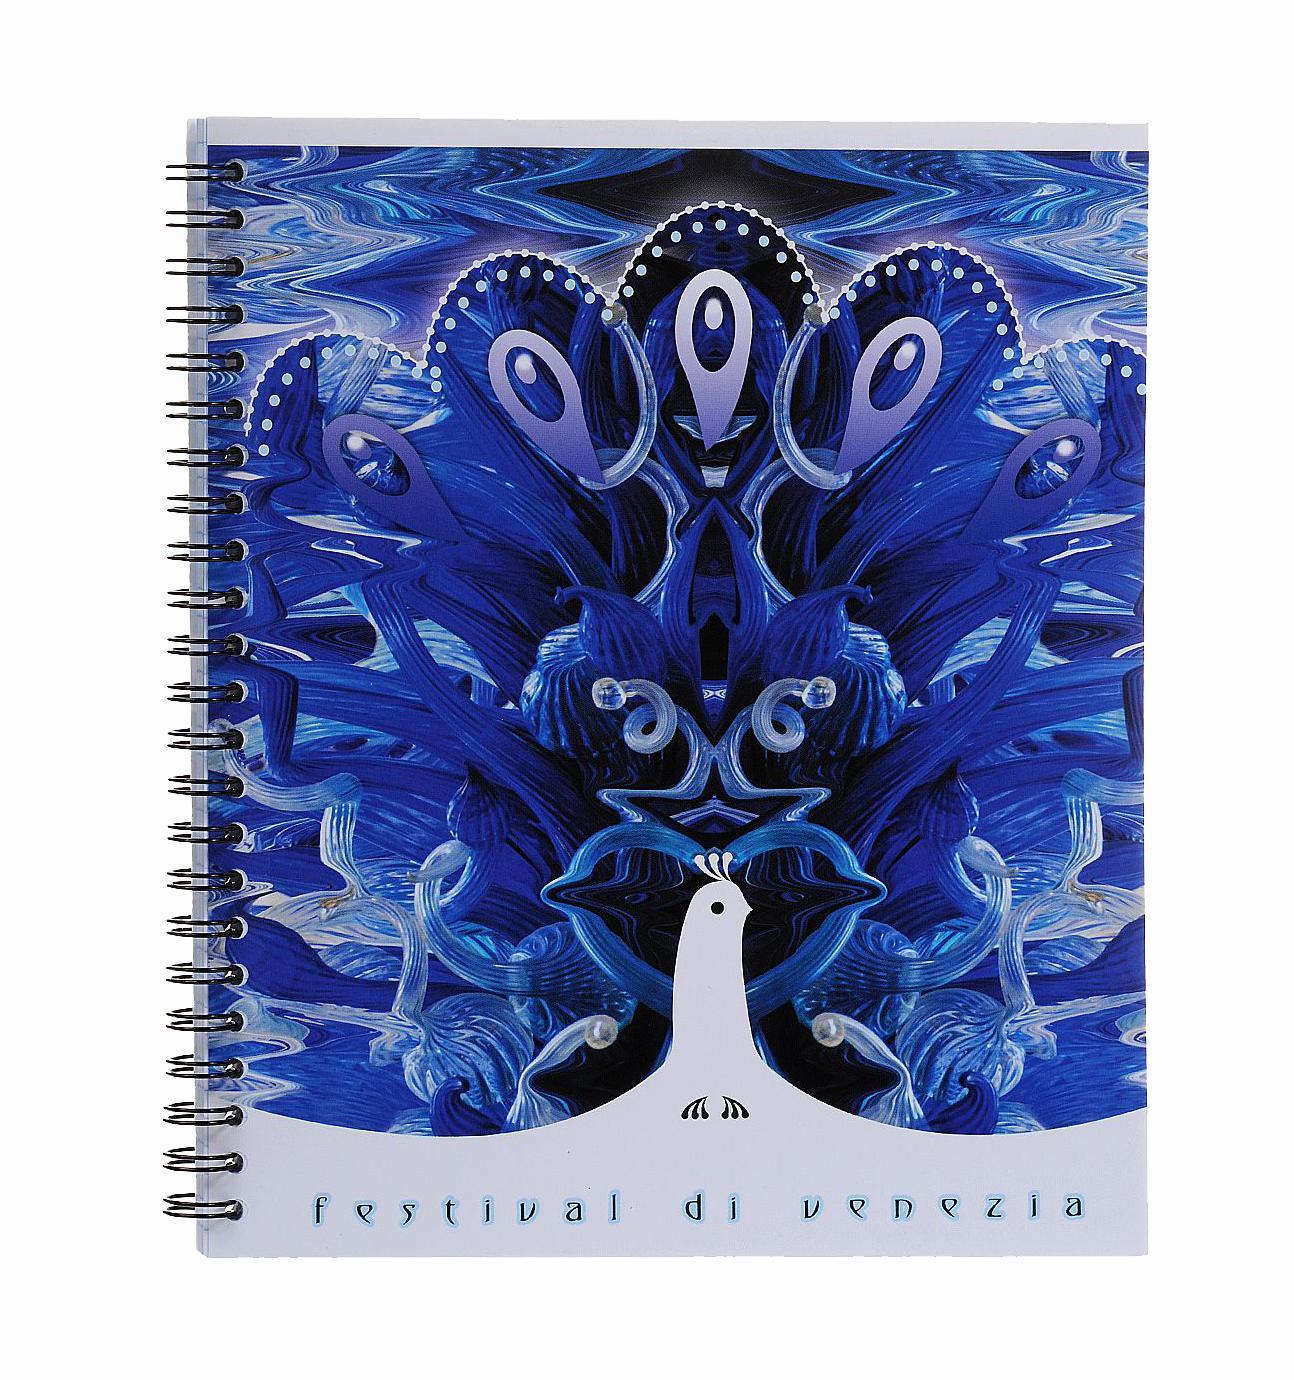 Тетрадь на спирали, 80л Муранское стекло,УФ-лак,синий37626 синийтетрадь на спирали,80л Муранское стекло, УФ-лак, синий